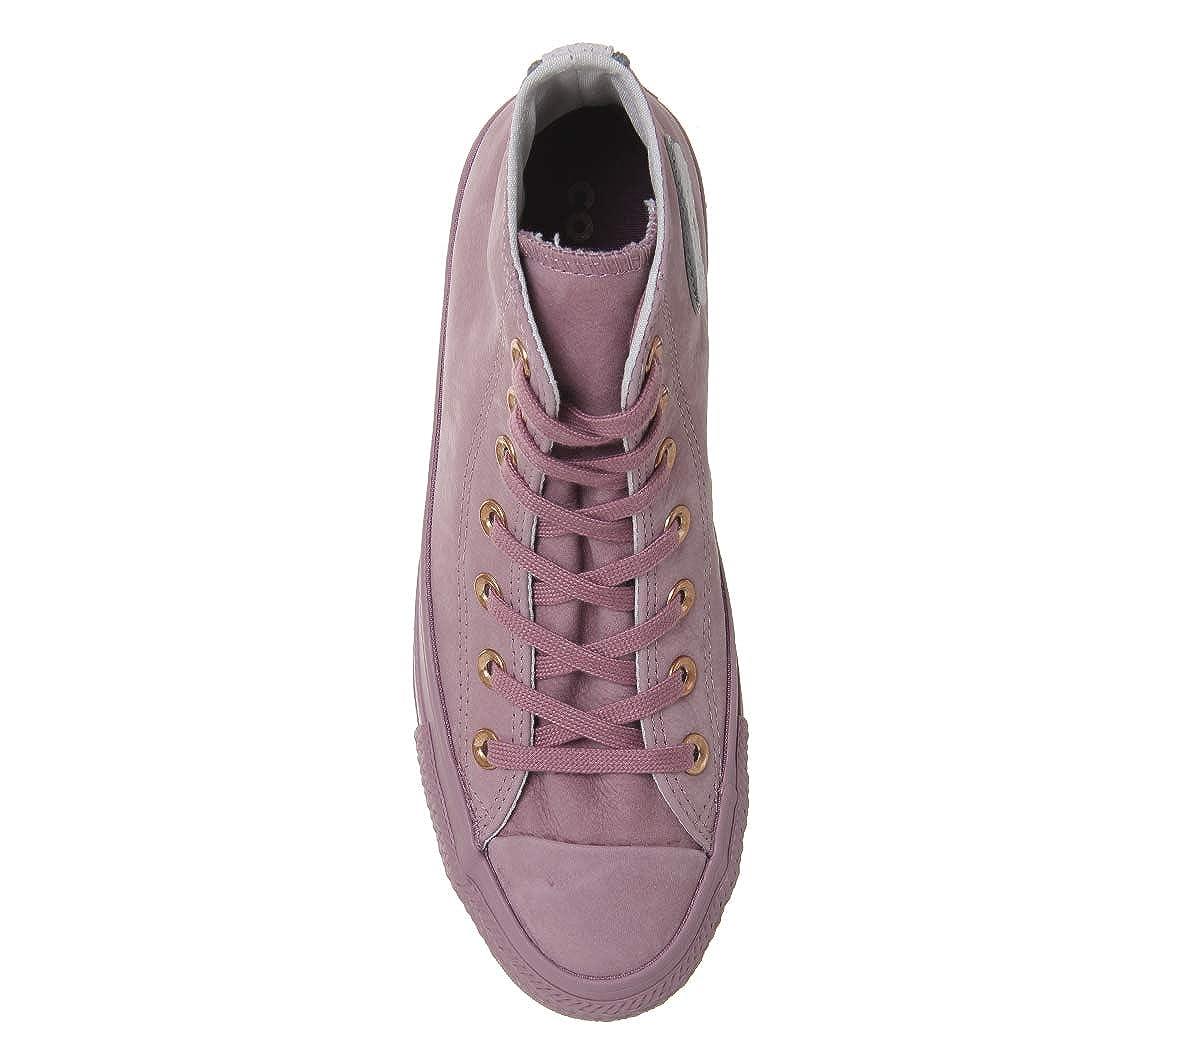 Enfant Sneakers Basses Mixte Ctas Hi Converse Chuck Taylor 162114c doerCxBW